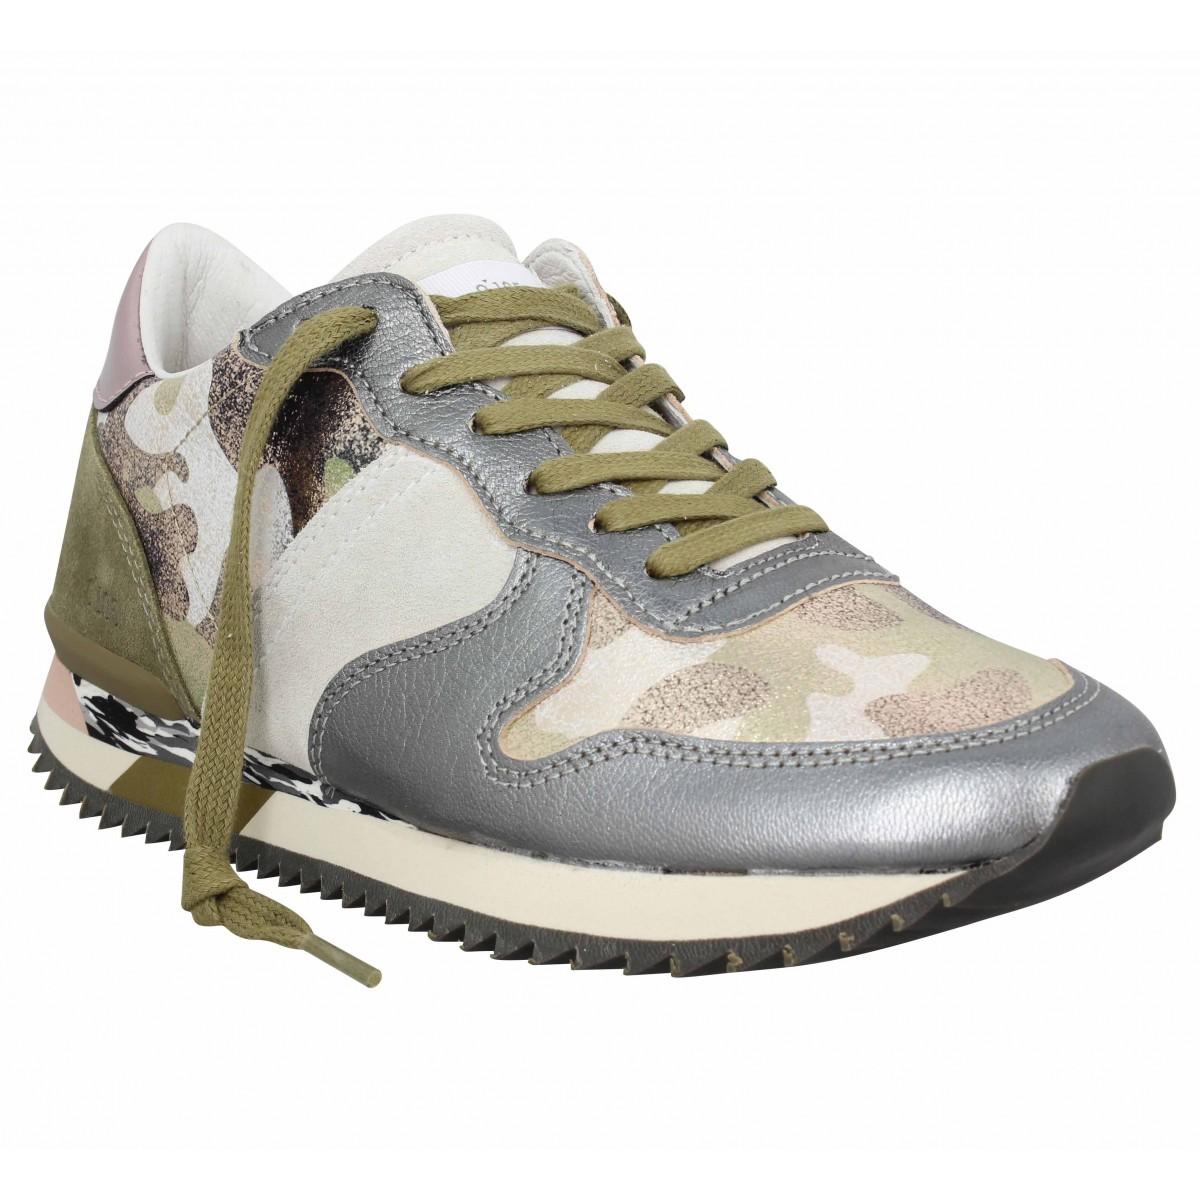 Chaussures 105 Camo Fanny S 0 Run Femme Cuir 6wxqx0Fd